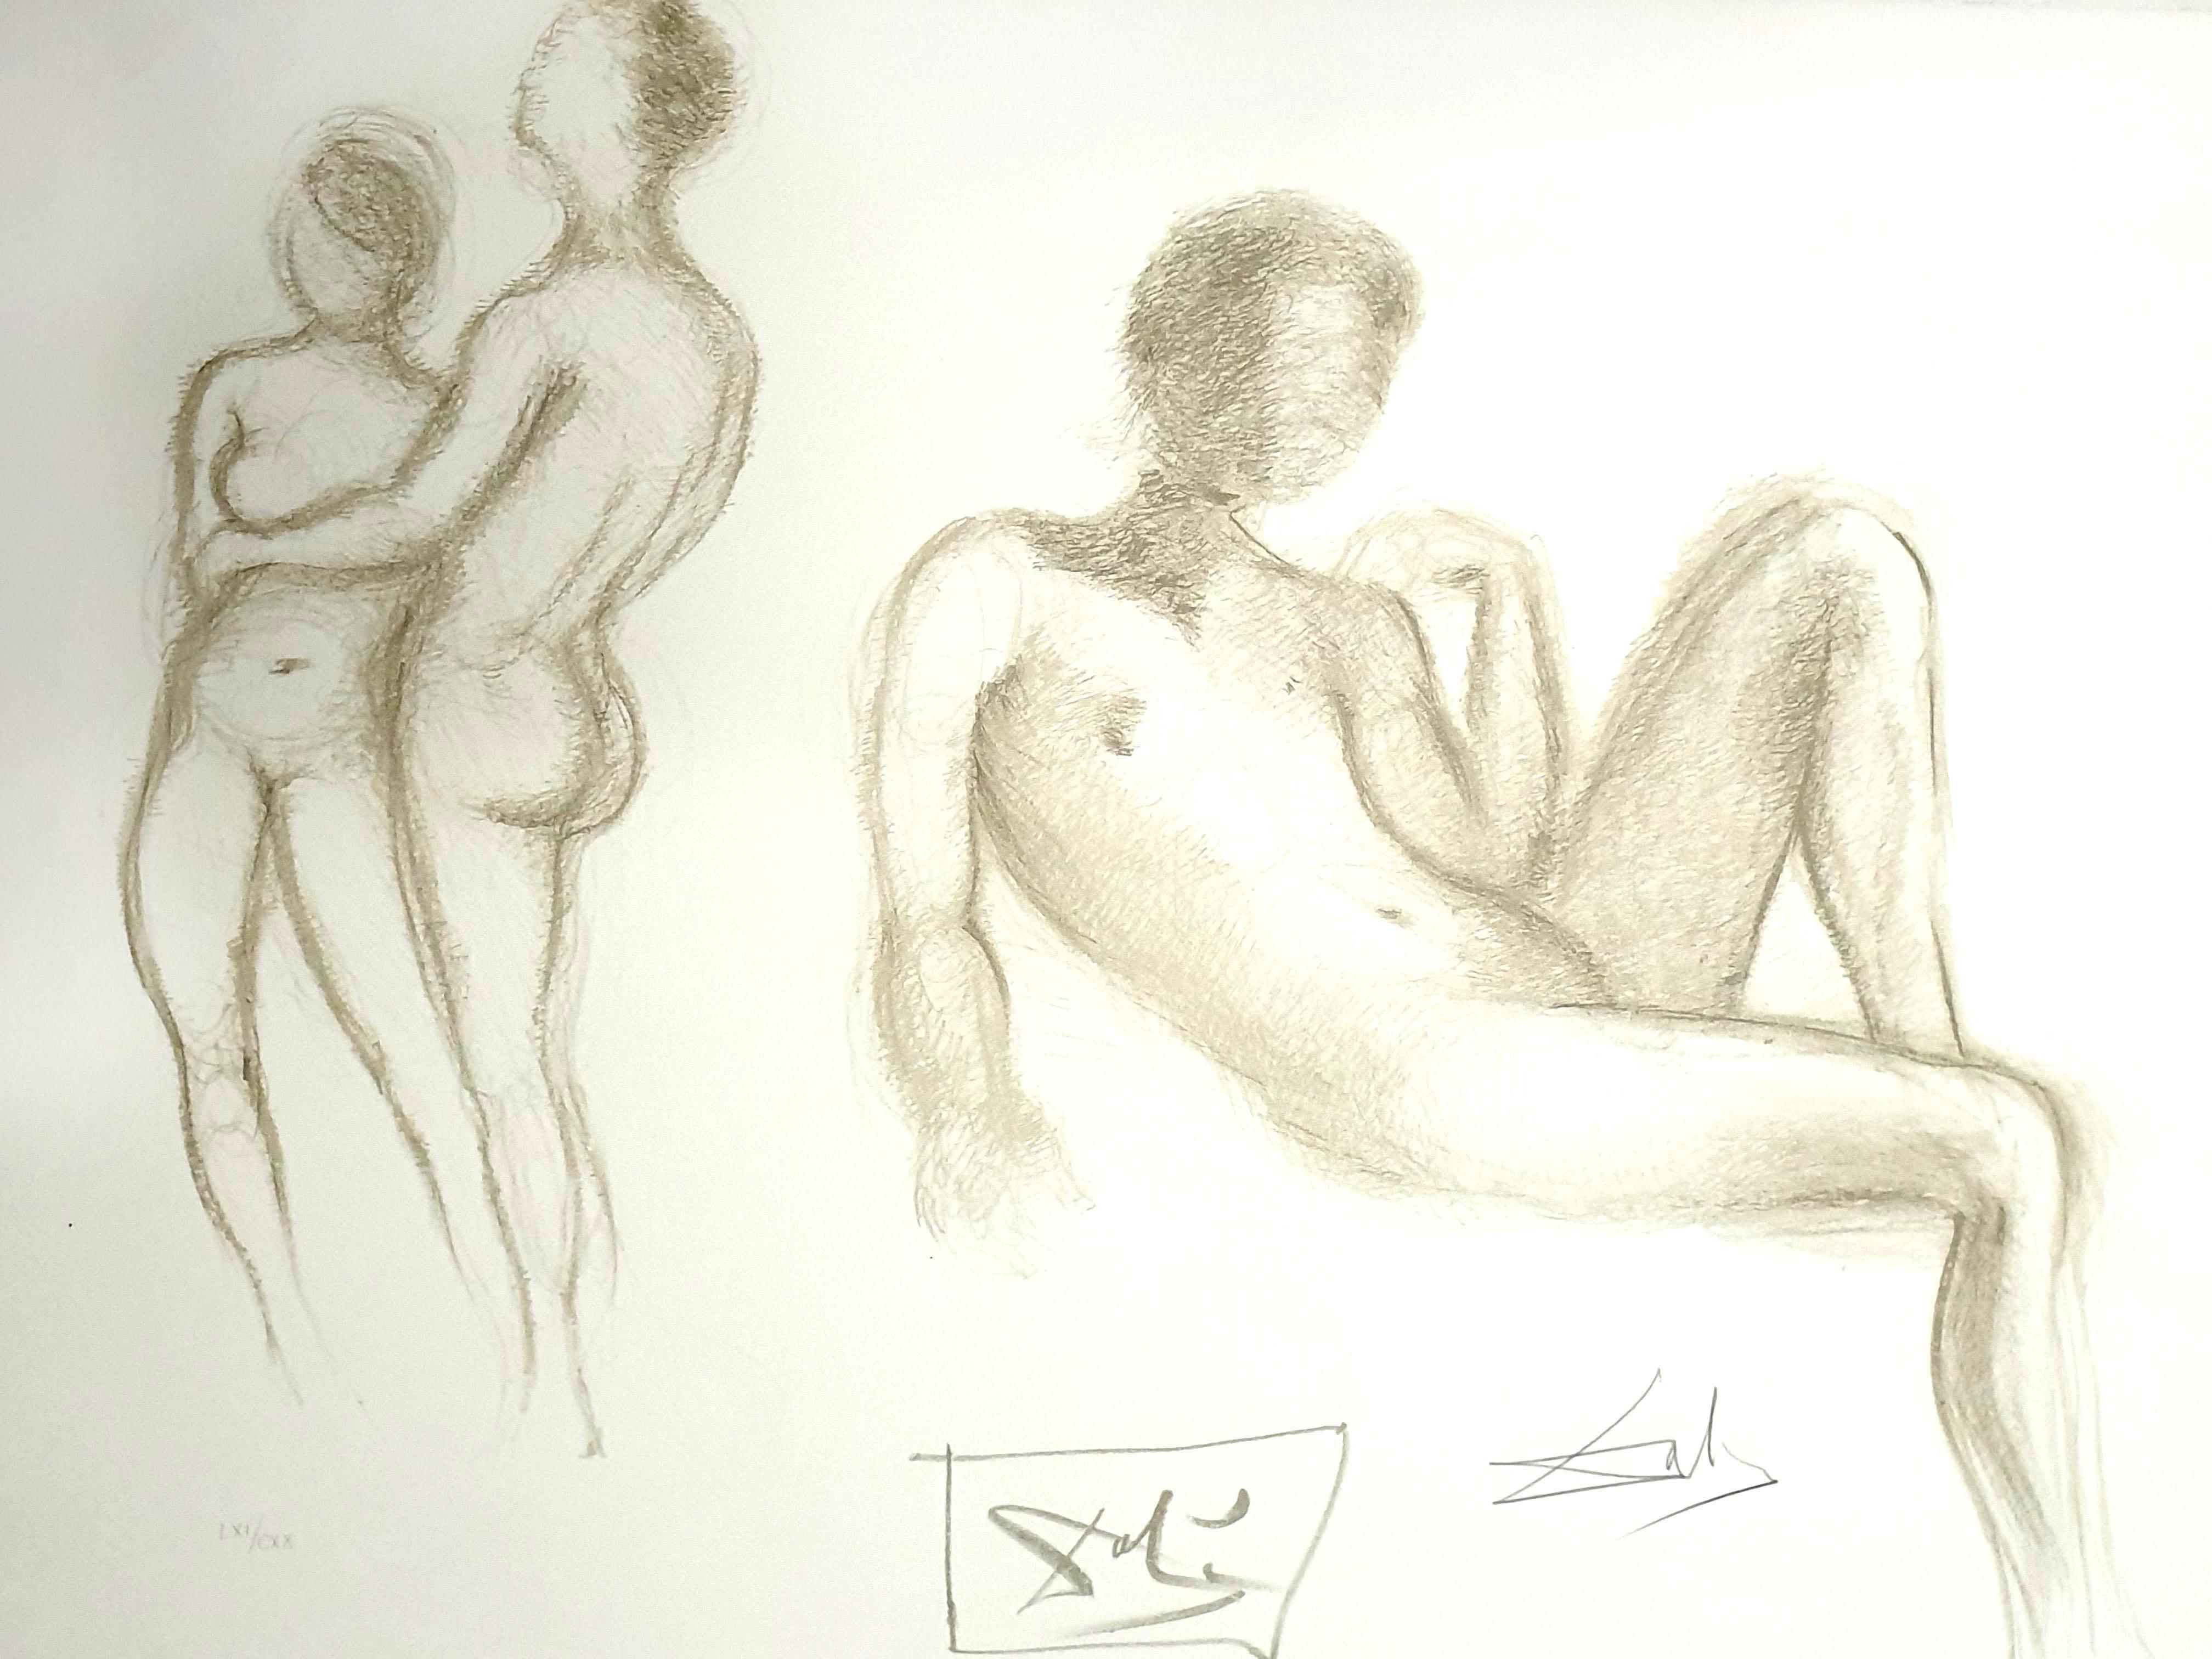 Salvador Dali - Nude Couples - Original Handsigned Lithograph